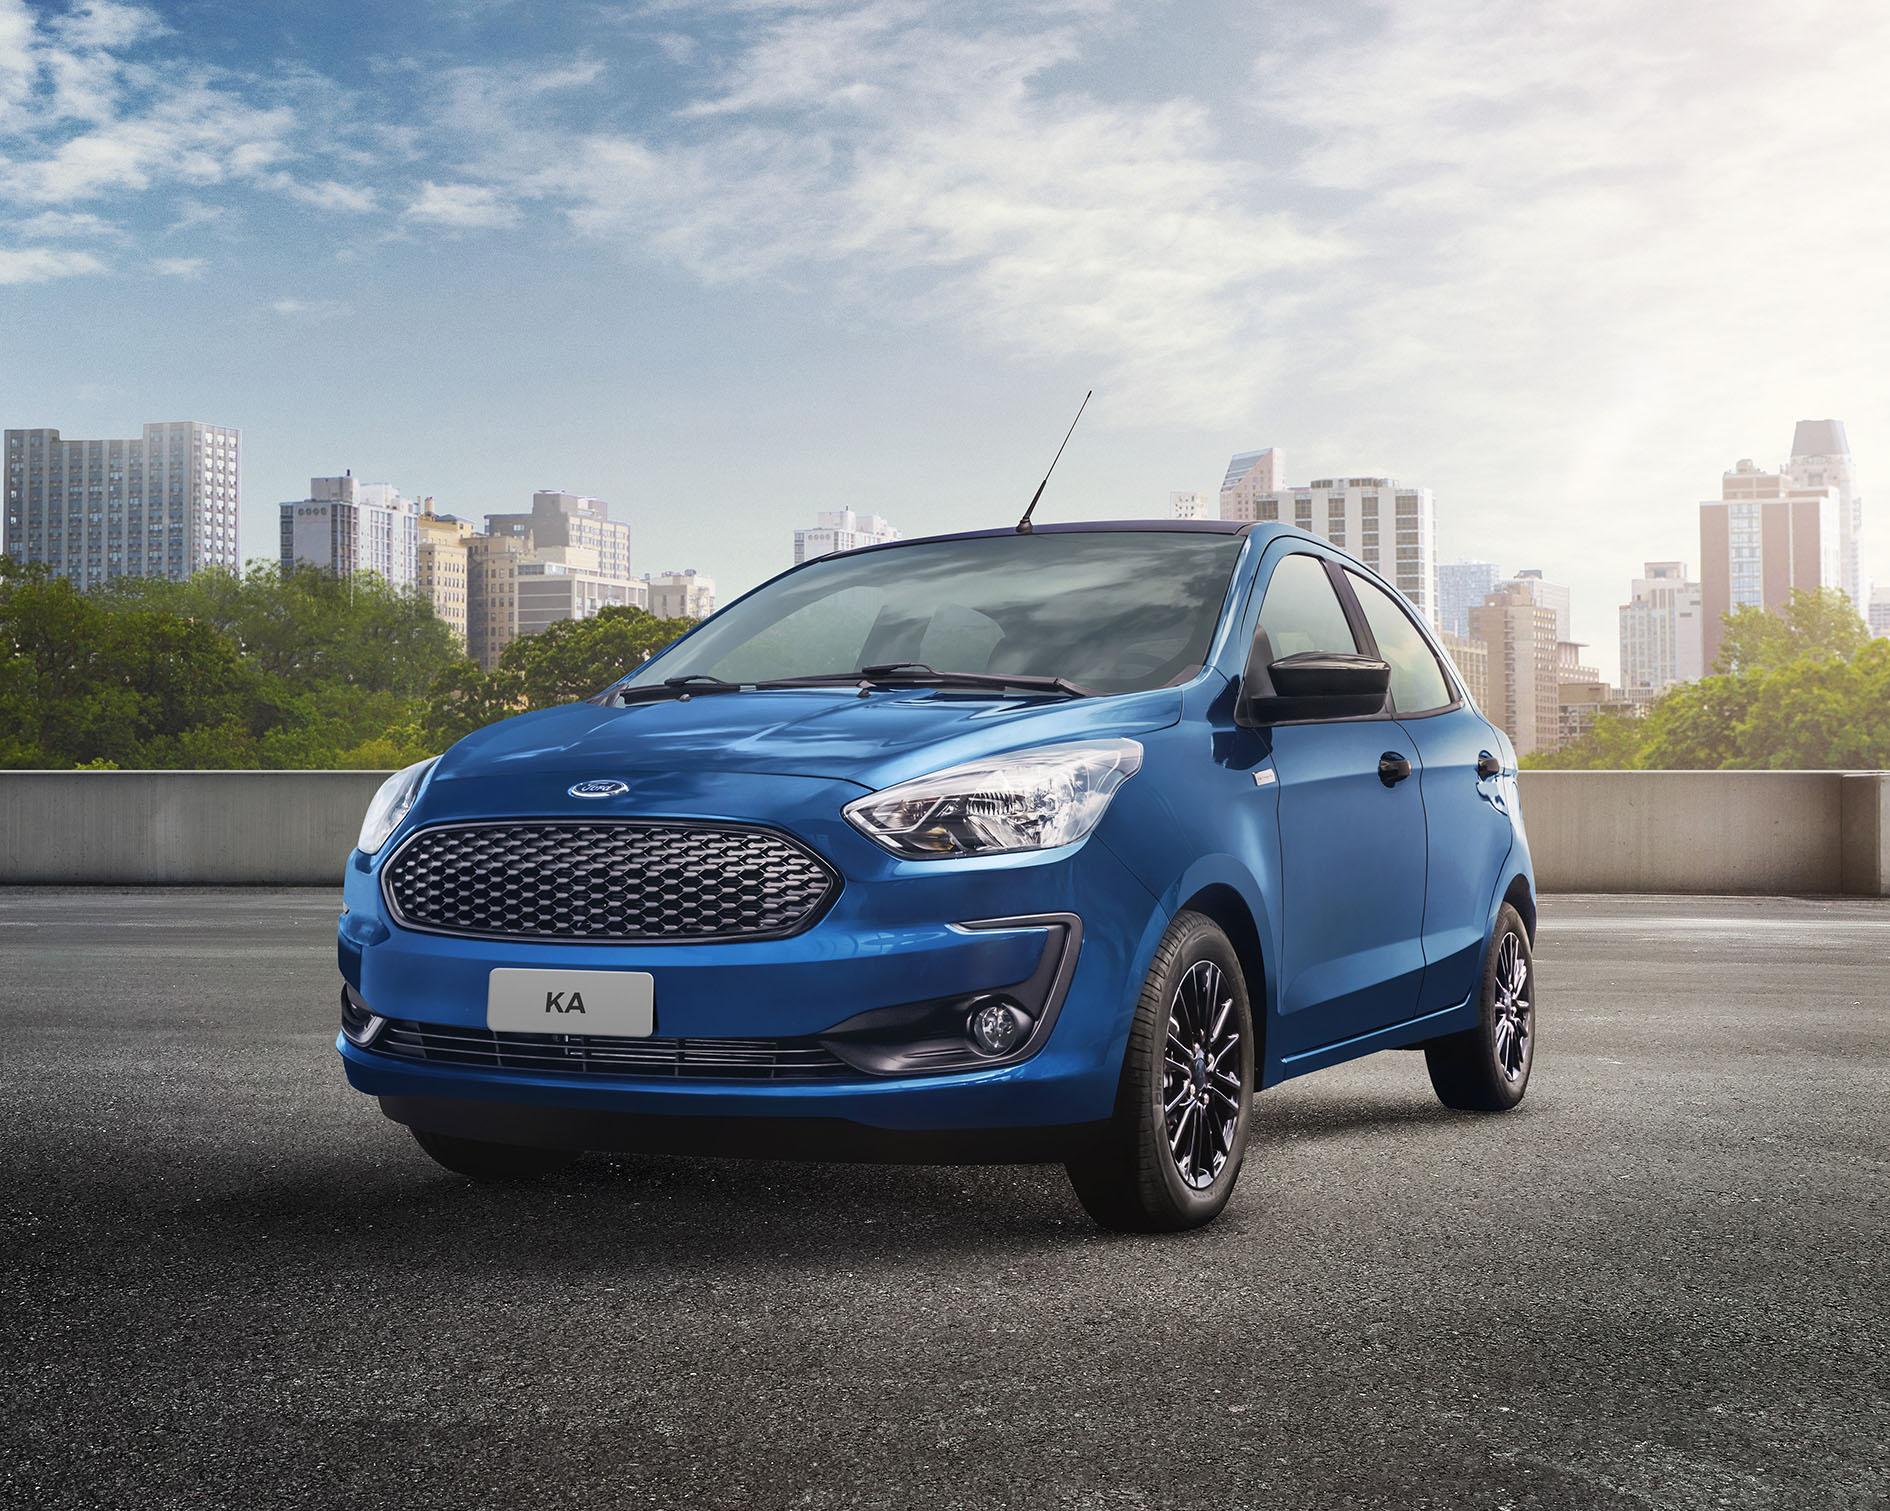 O Ford Ka na Edição Especial tem cor azul com detalhes pretos